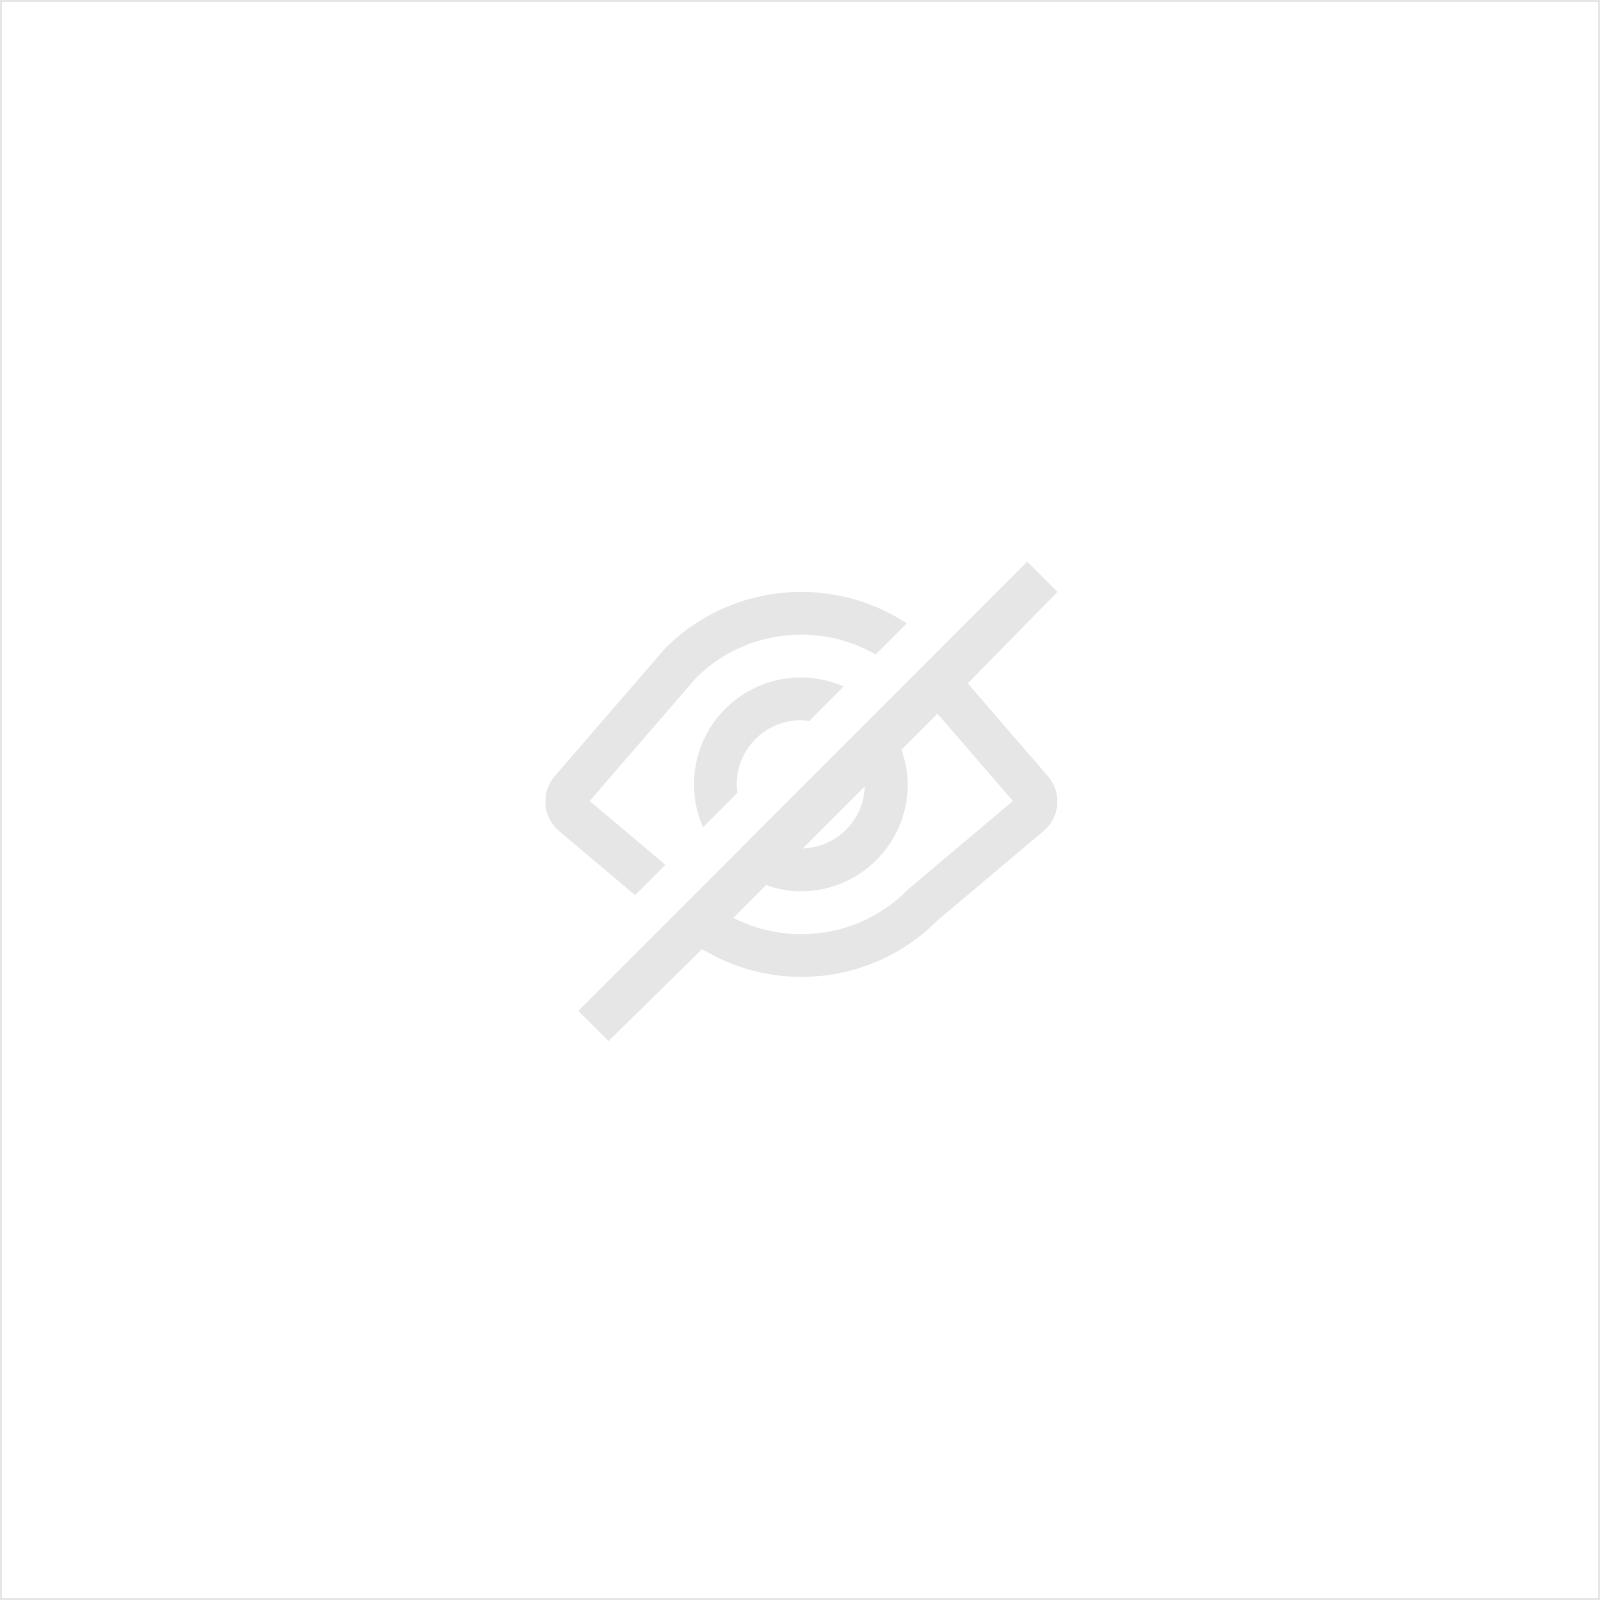 NOZZLE IN KERAMIEK VOOR USA-100-S 1/8 (3 ST)